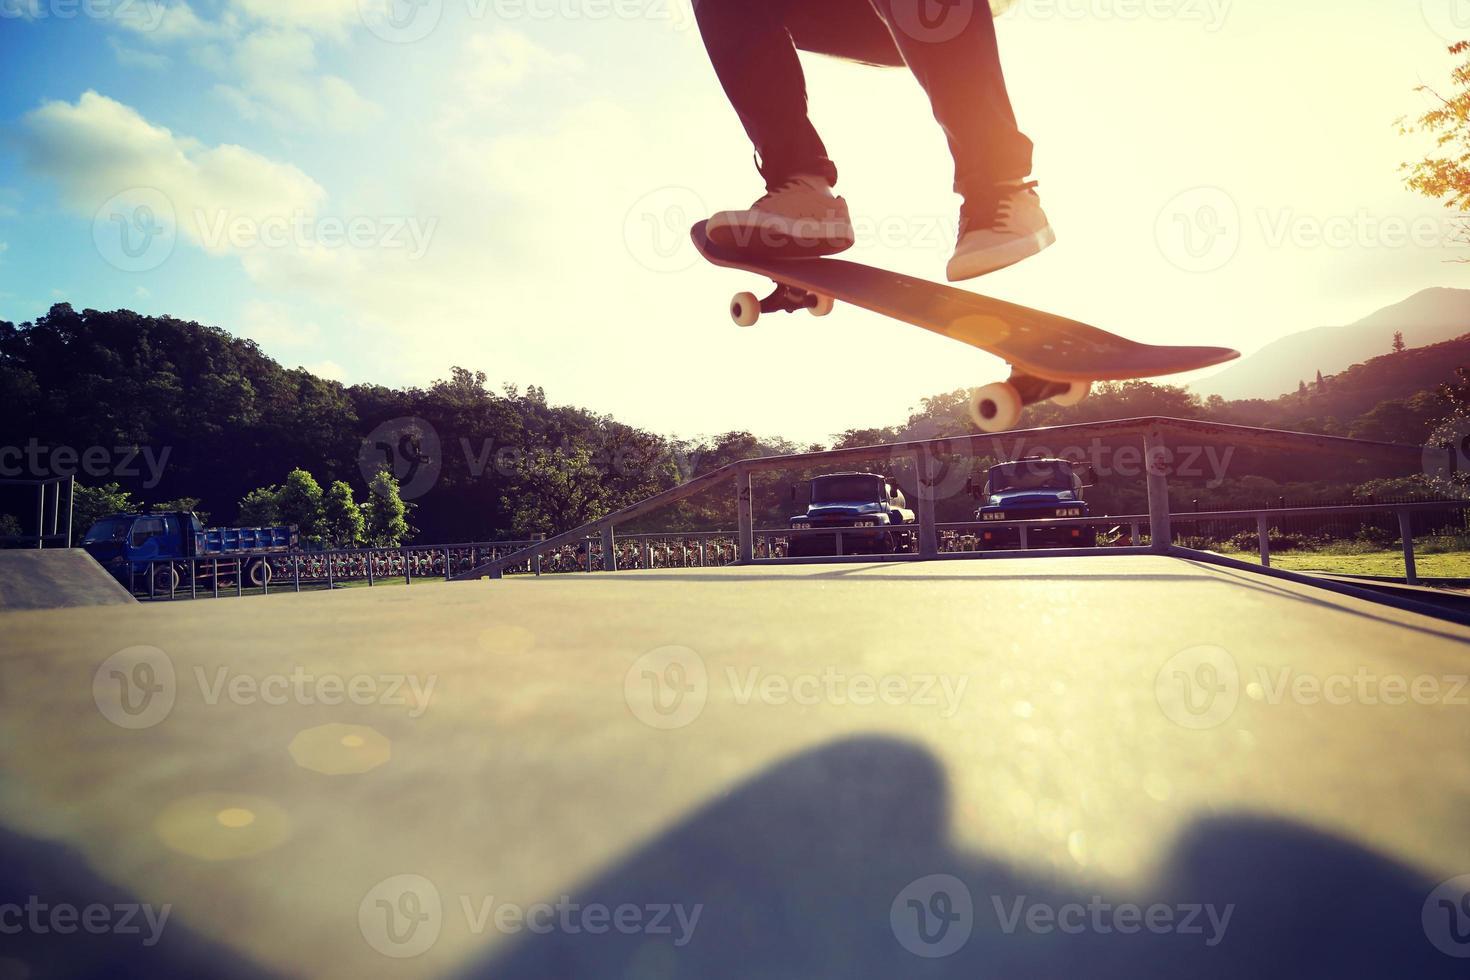 jambes de skateur faisant un tour ollie au skatepark photo